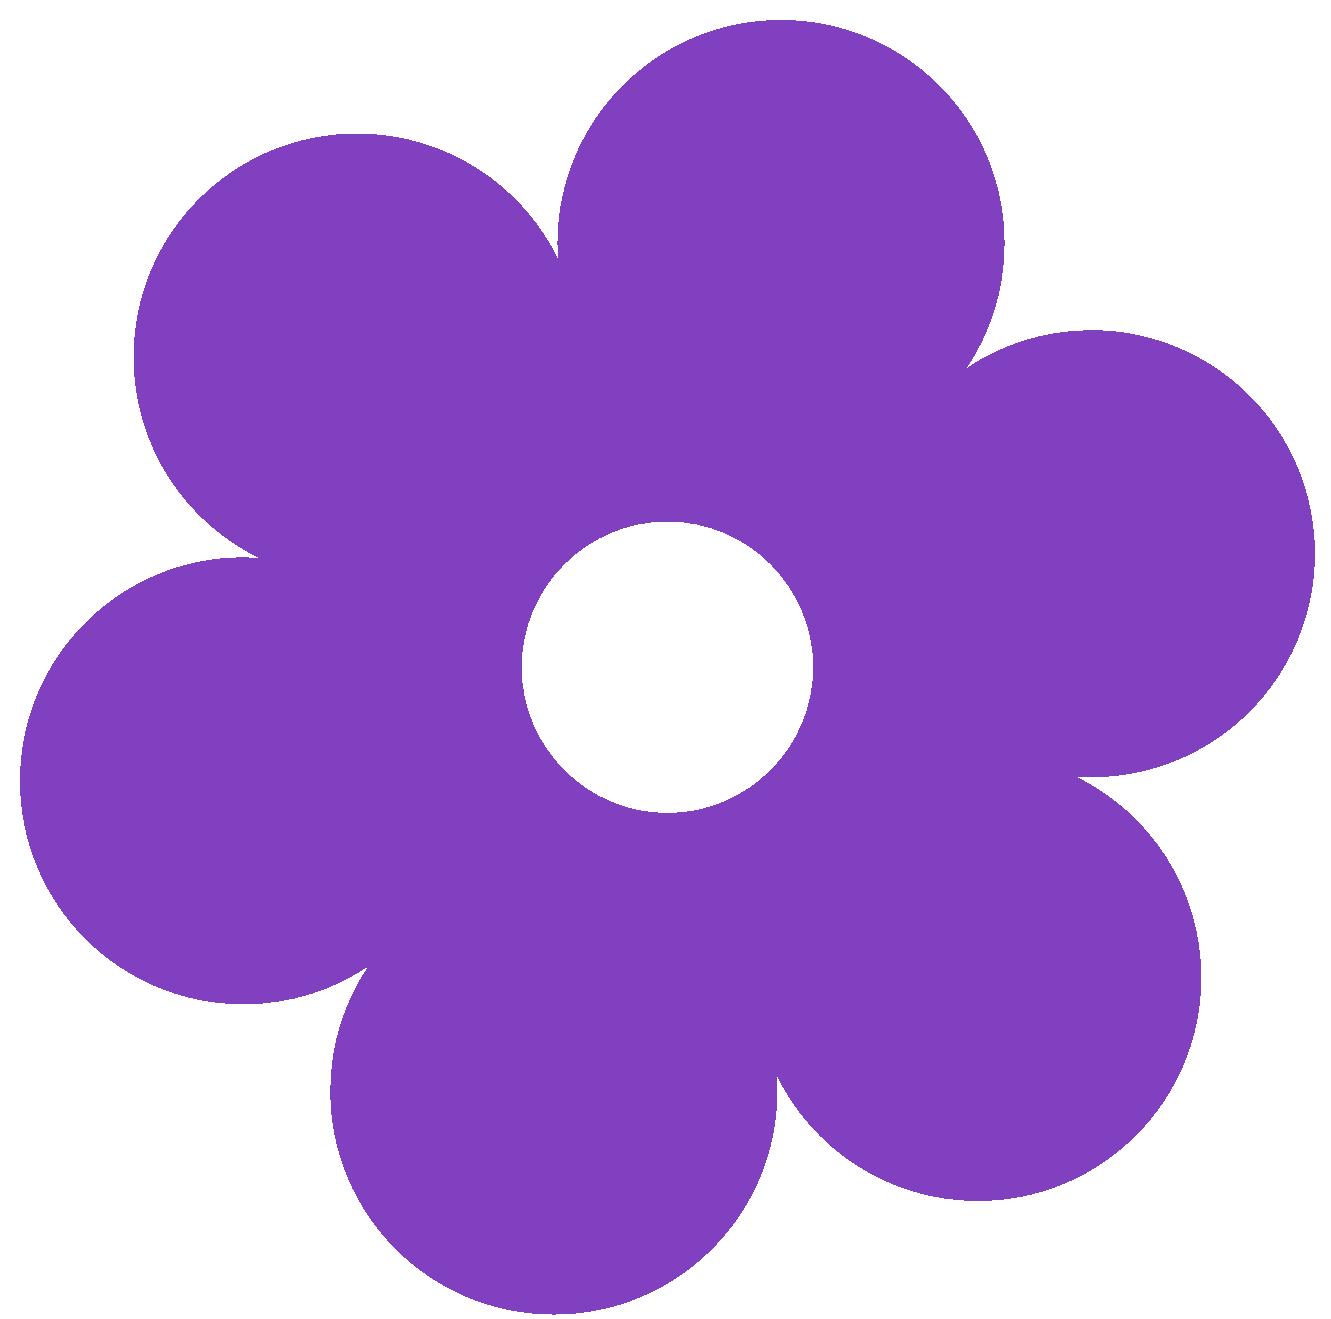 Flower Clip Art Images - ClipArt Best